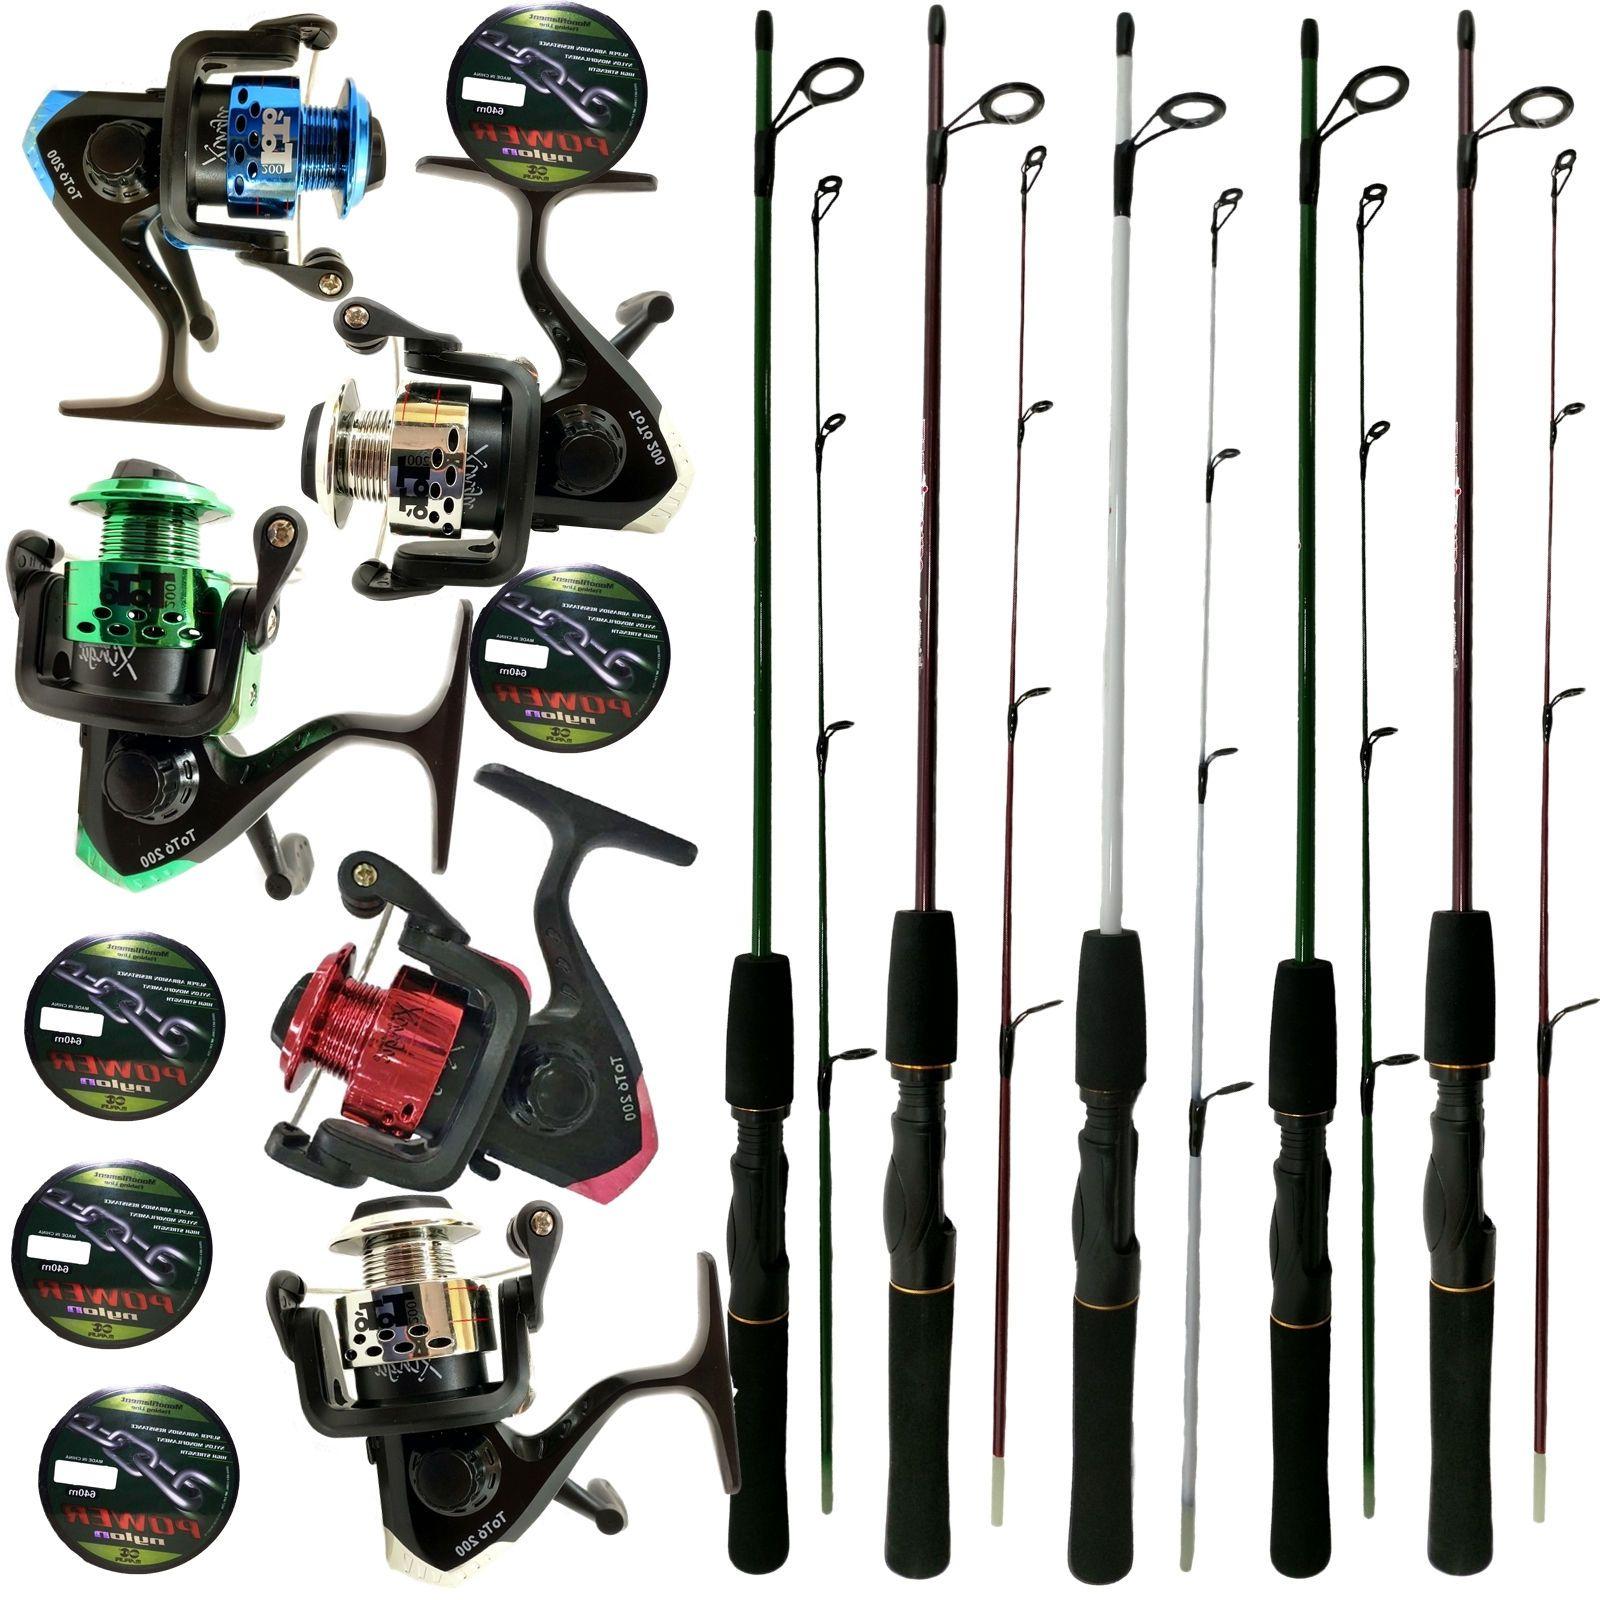 Kit Pesca 5 Molinetes C/ Linha E 5 Varas 1,20m Oferta Barato